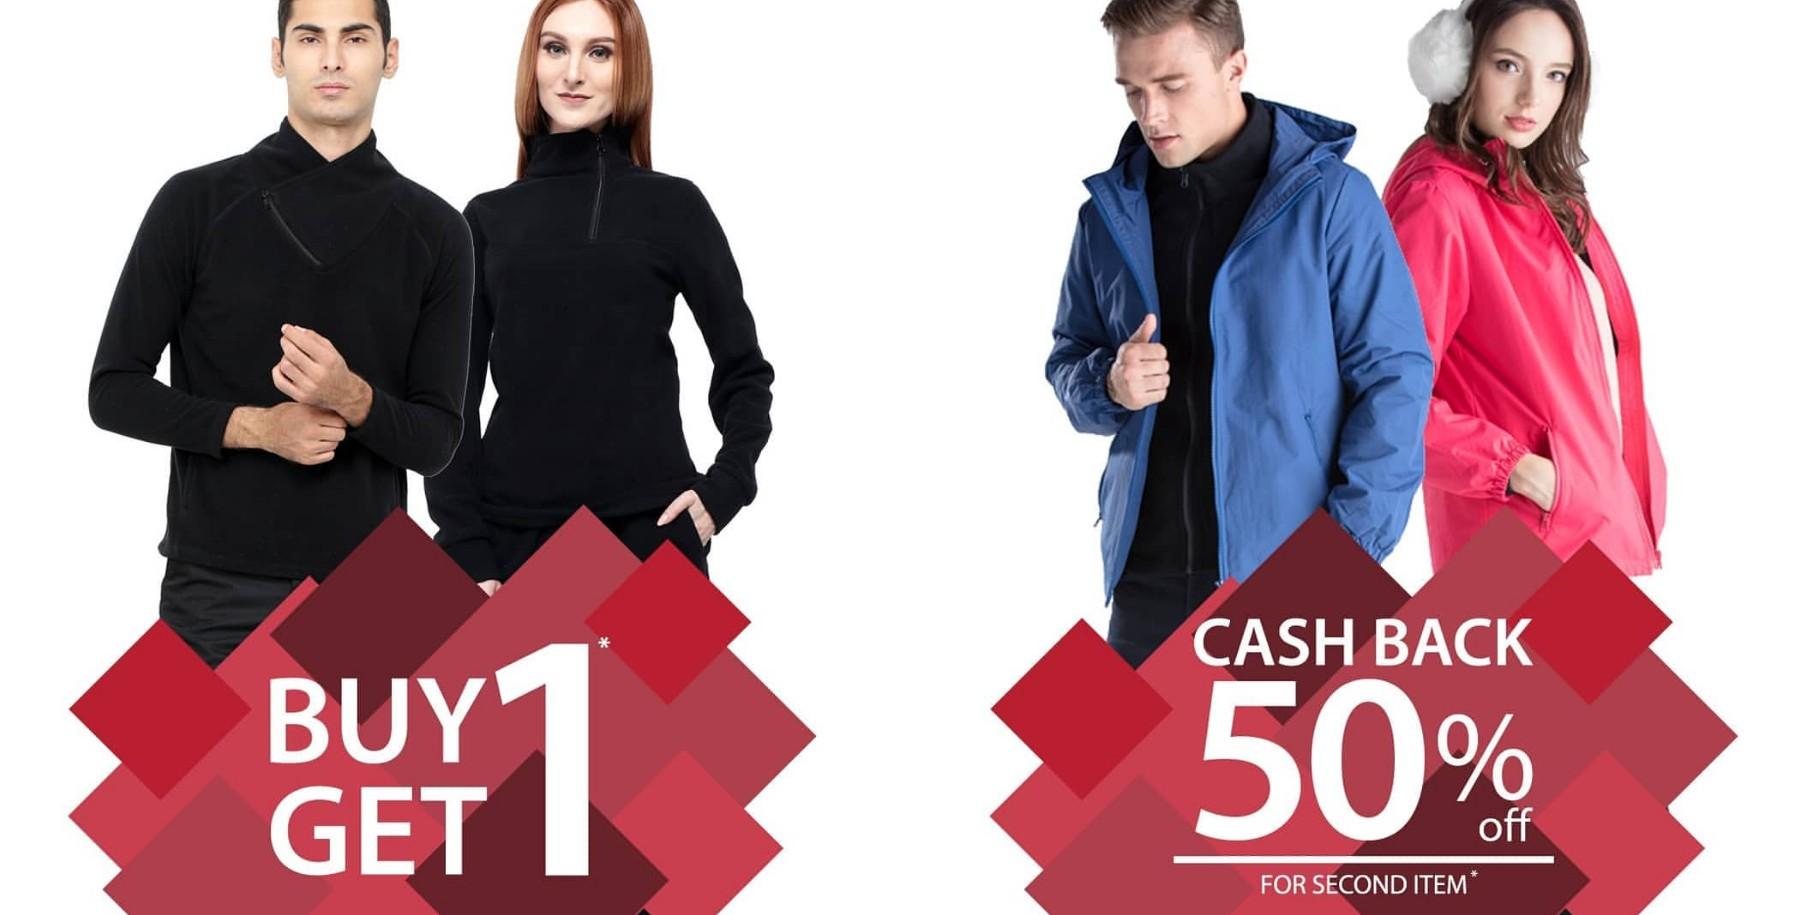 Coldwear Promo Buy 1 Get 1 dan Cashback sampai 50%